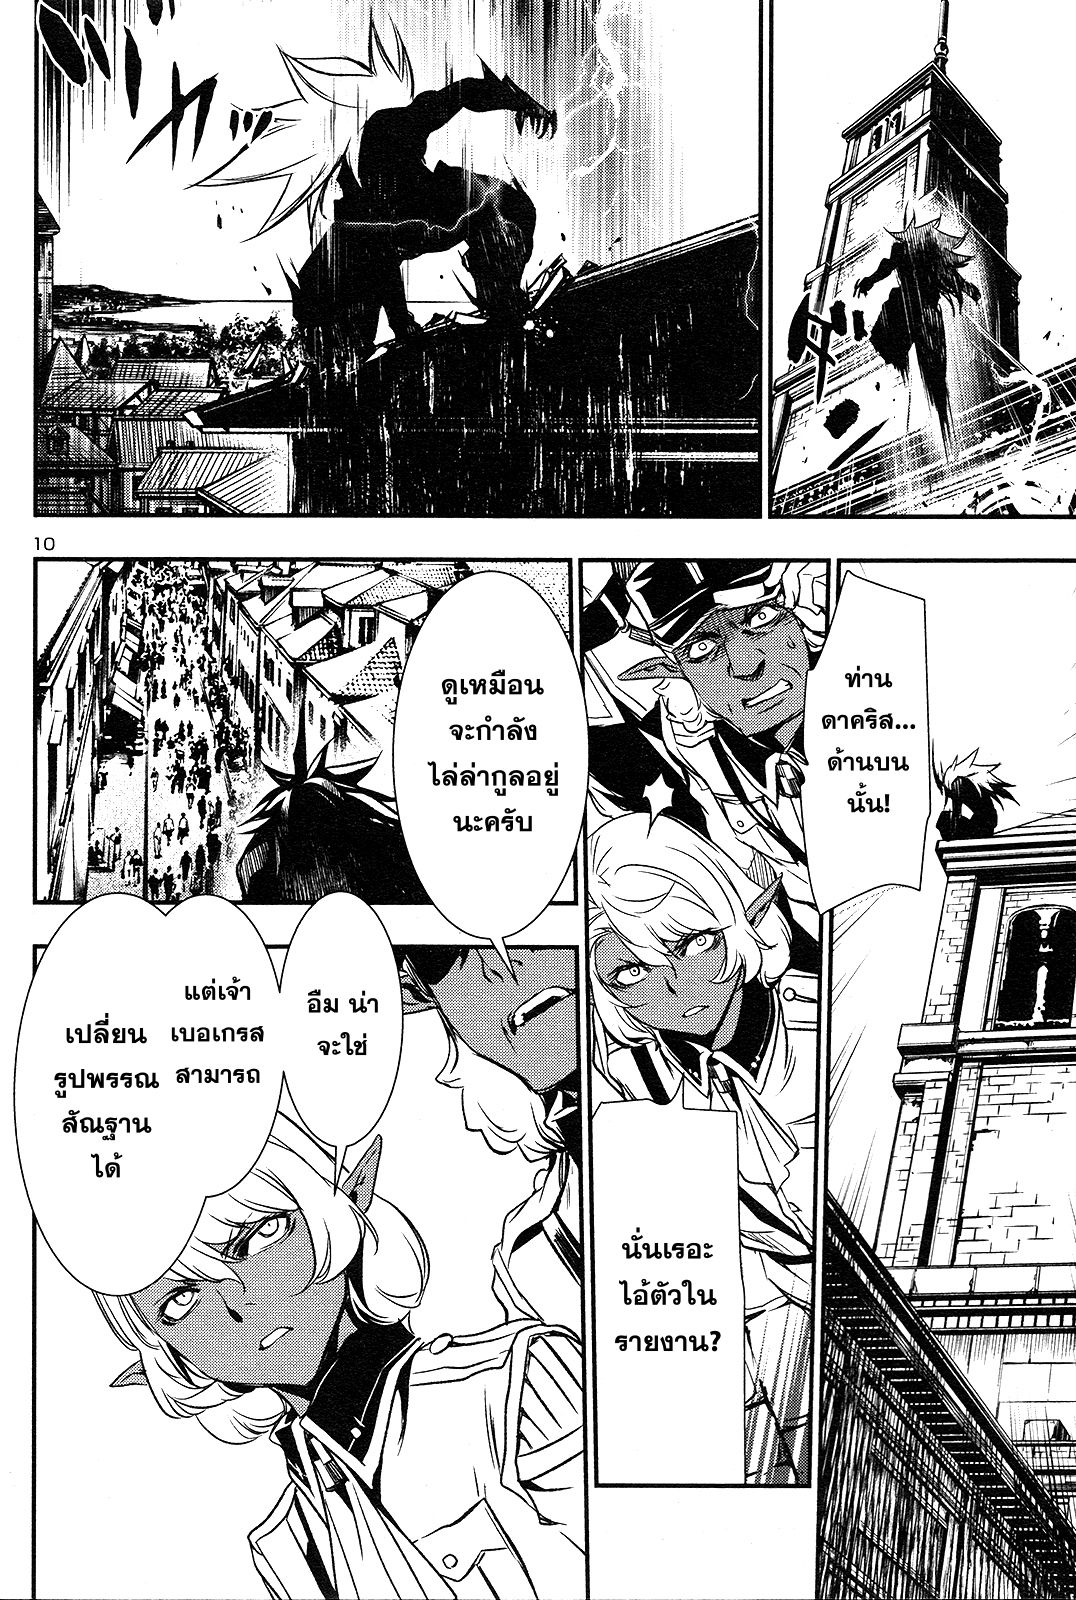 อ่านการ์ตูน Shinju no Nectar ตอนที่ 4 หน้าที่ 10